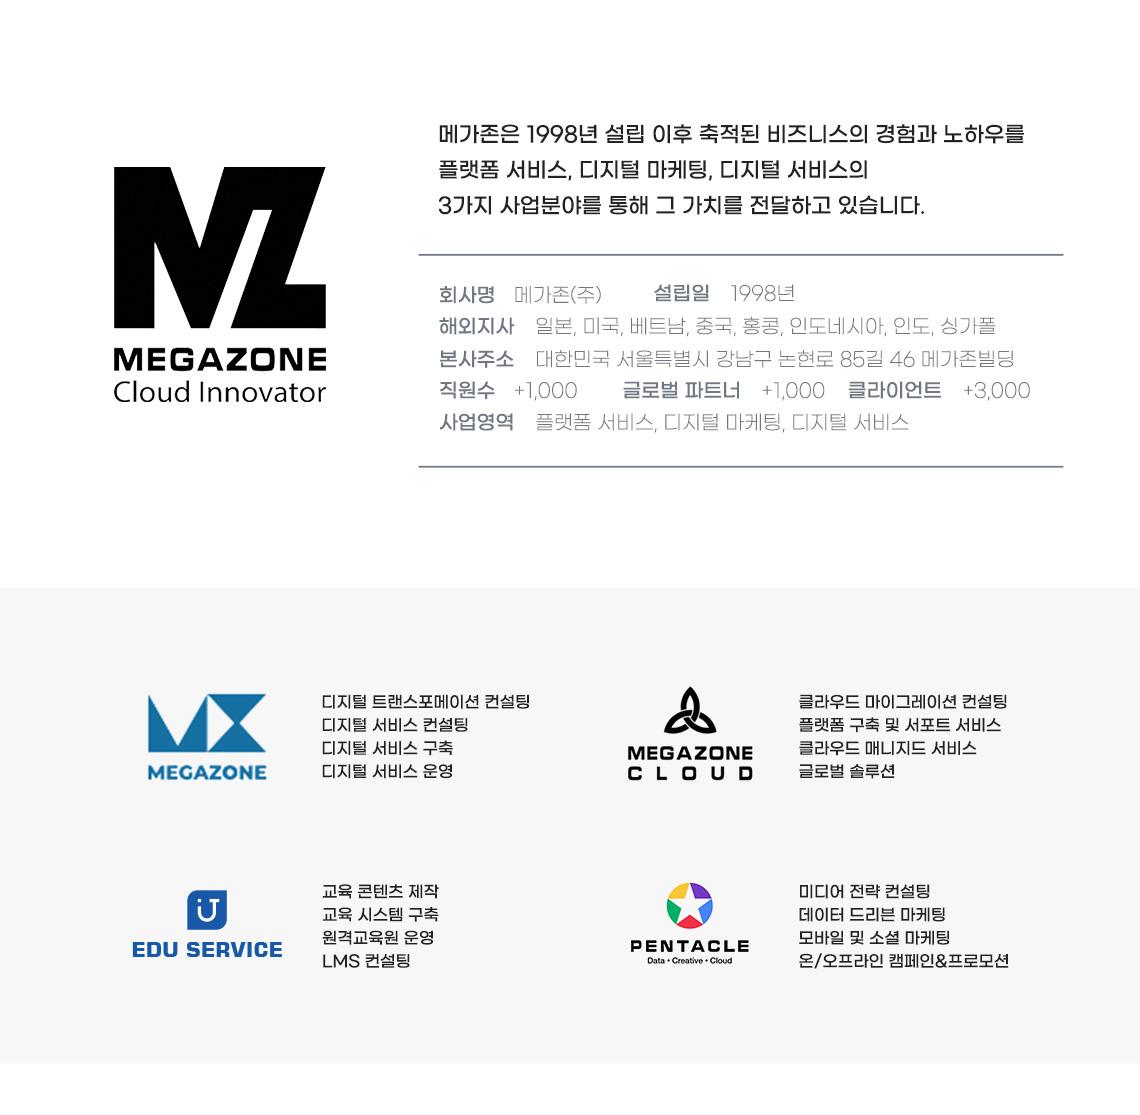 메가존 소개